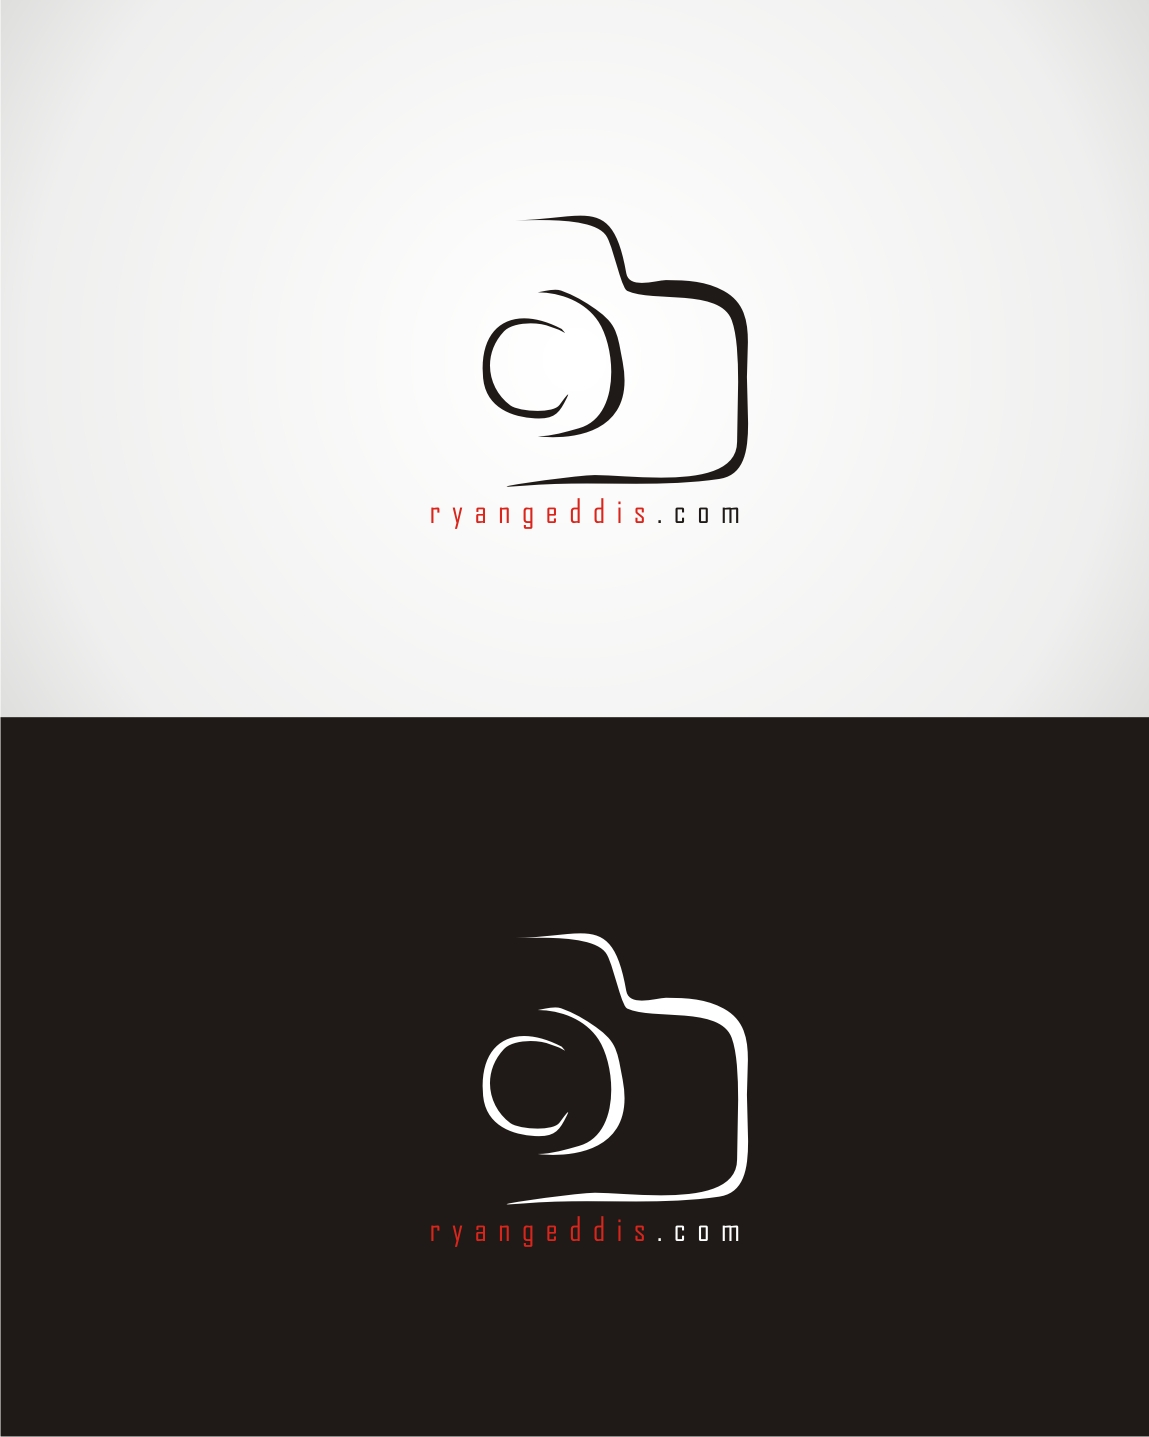 Camera Logo Design for ryangeddis.com by kamiranz   Design #9529865